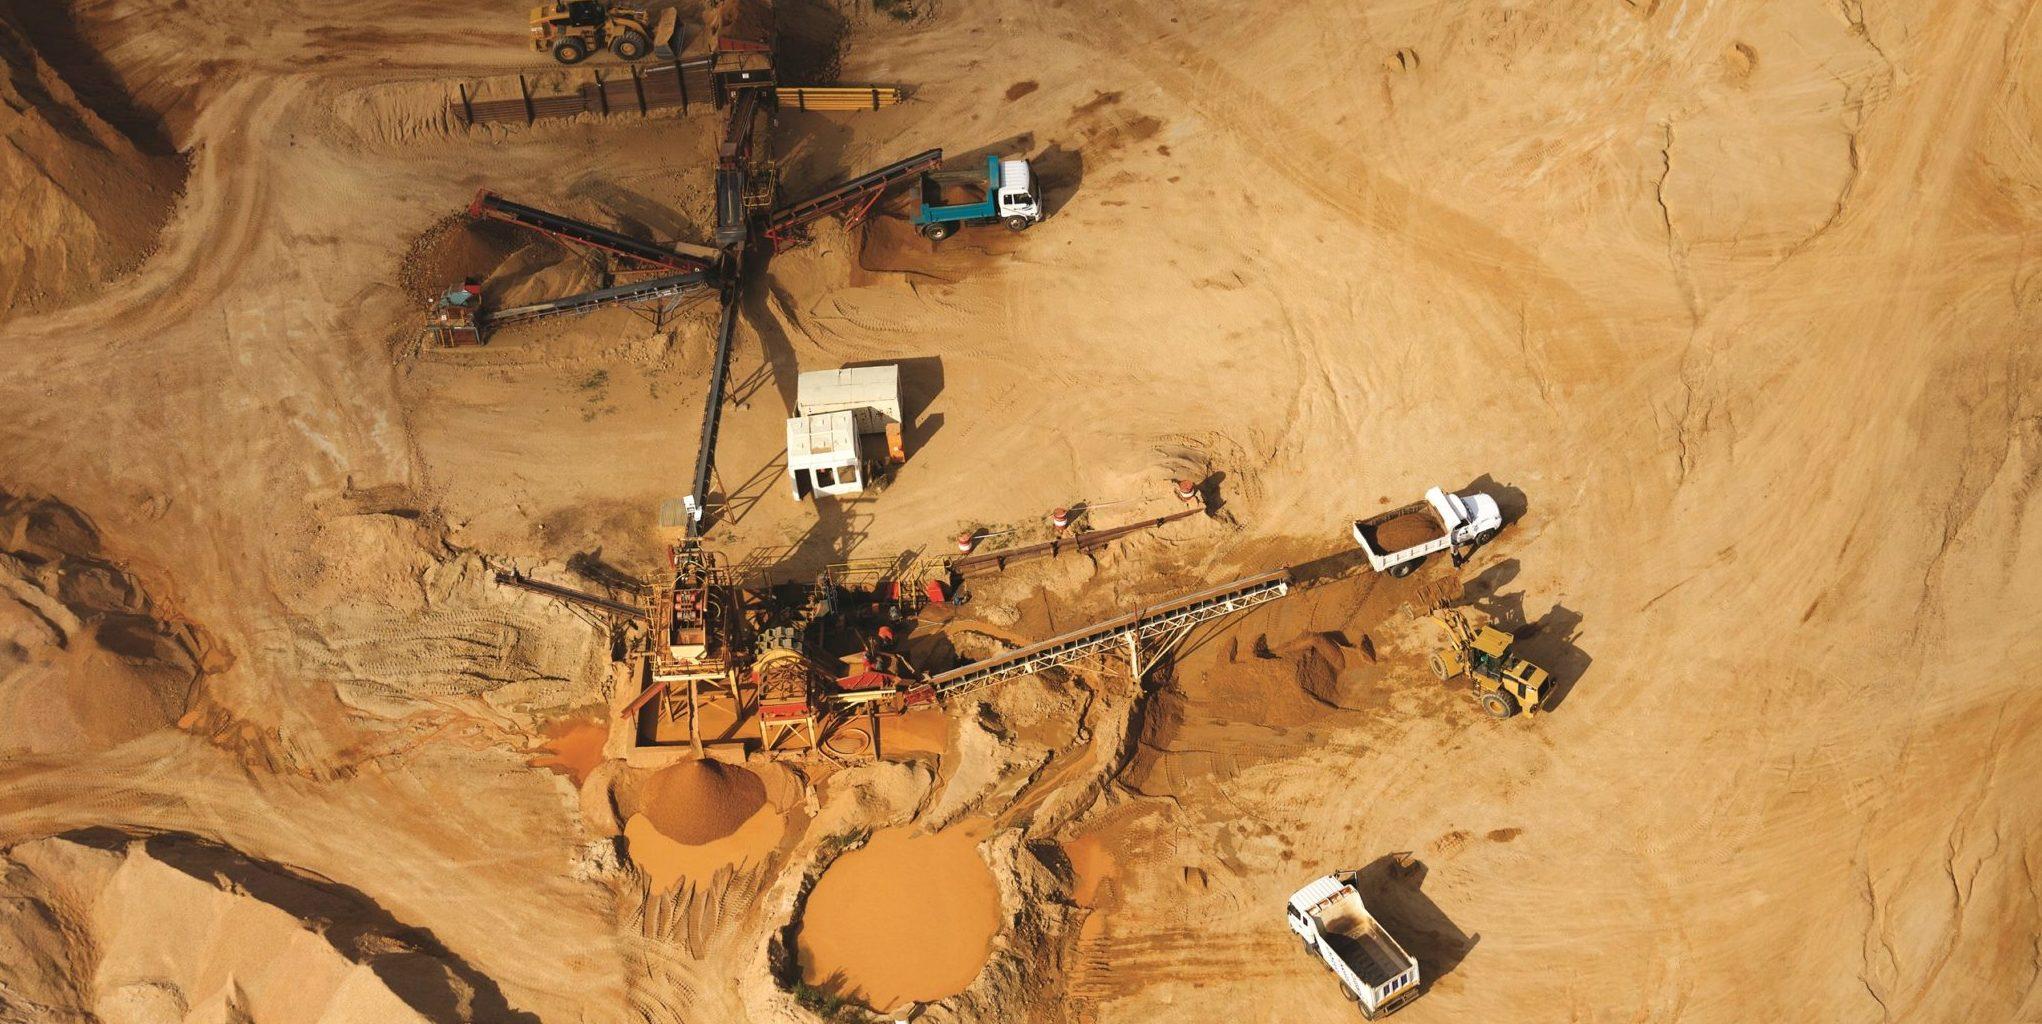 Aerial view of a quarry, Johannesburg, South Africa